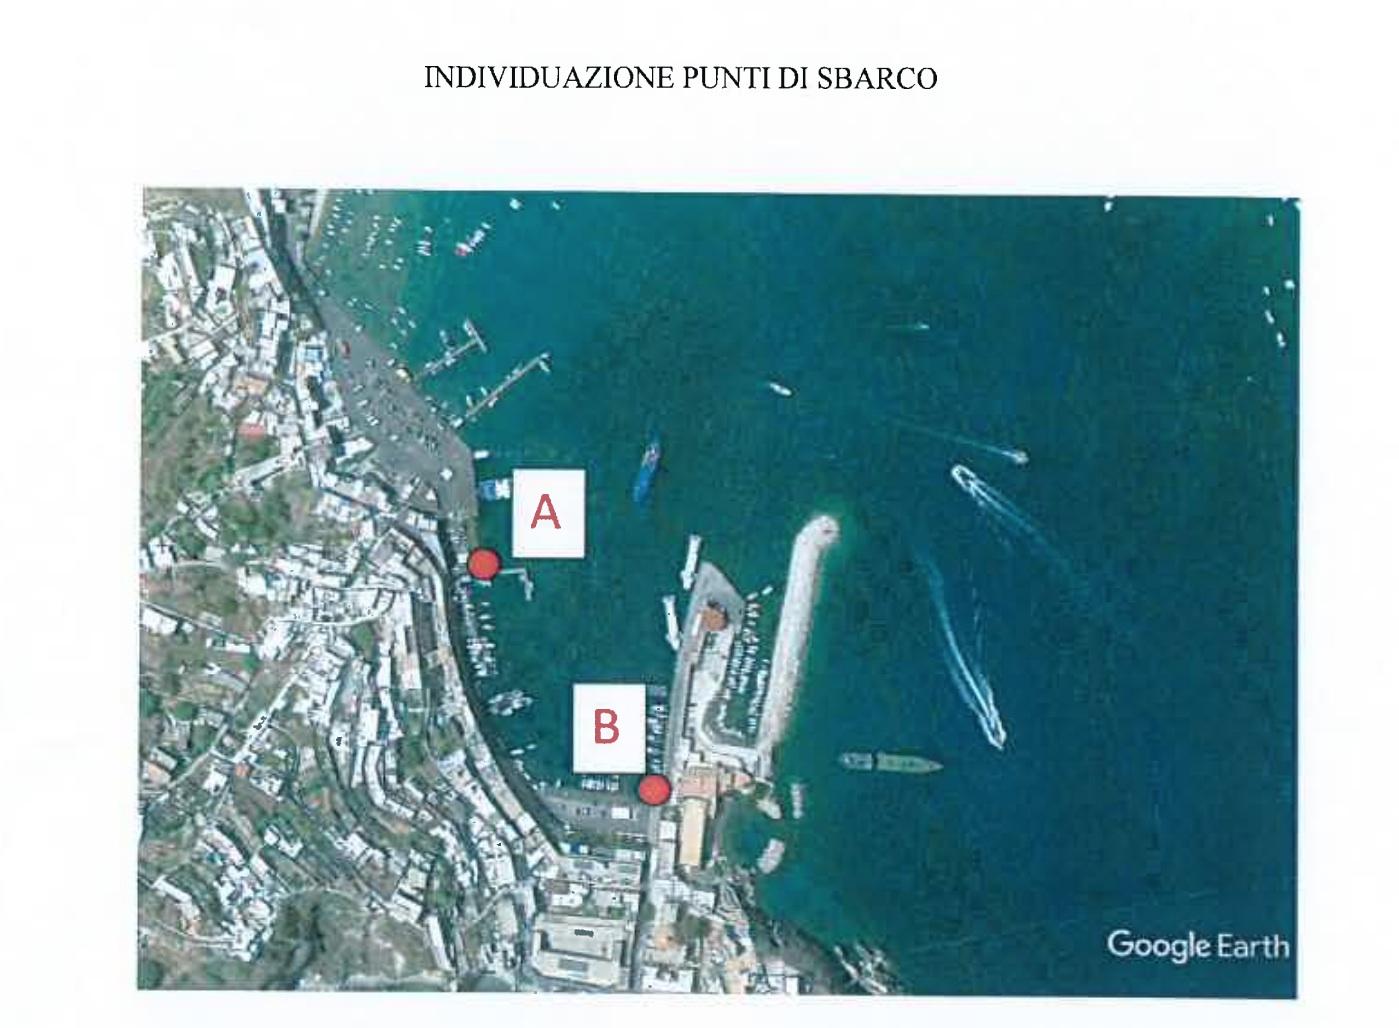 Individuazione punti di sbarco decisi dall'amministrazio di Ponza